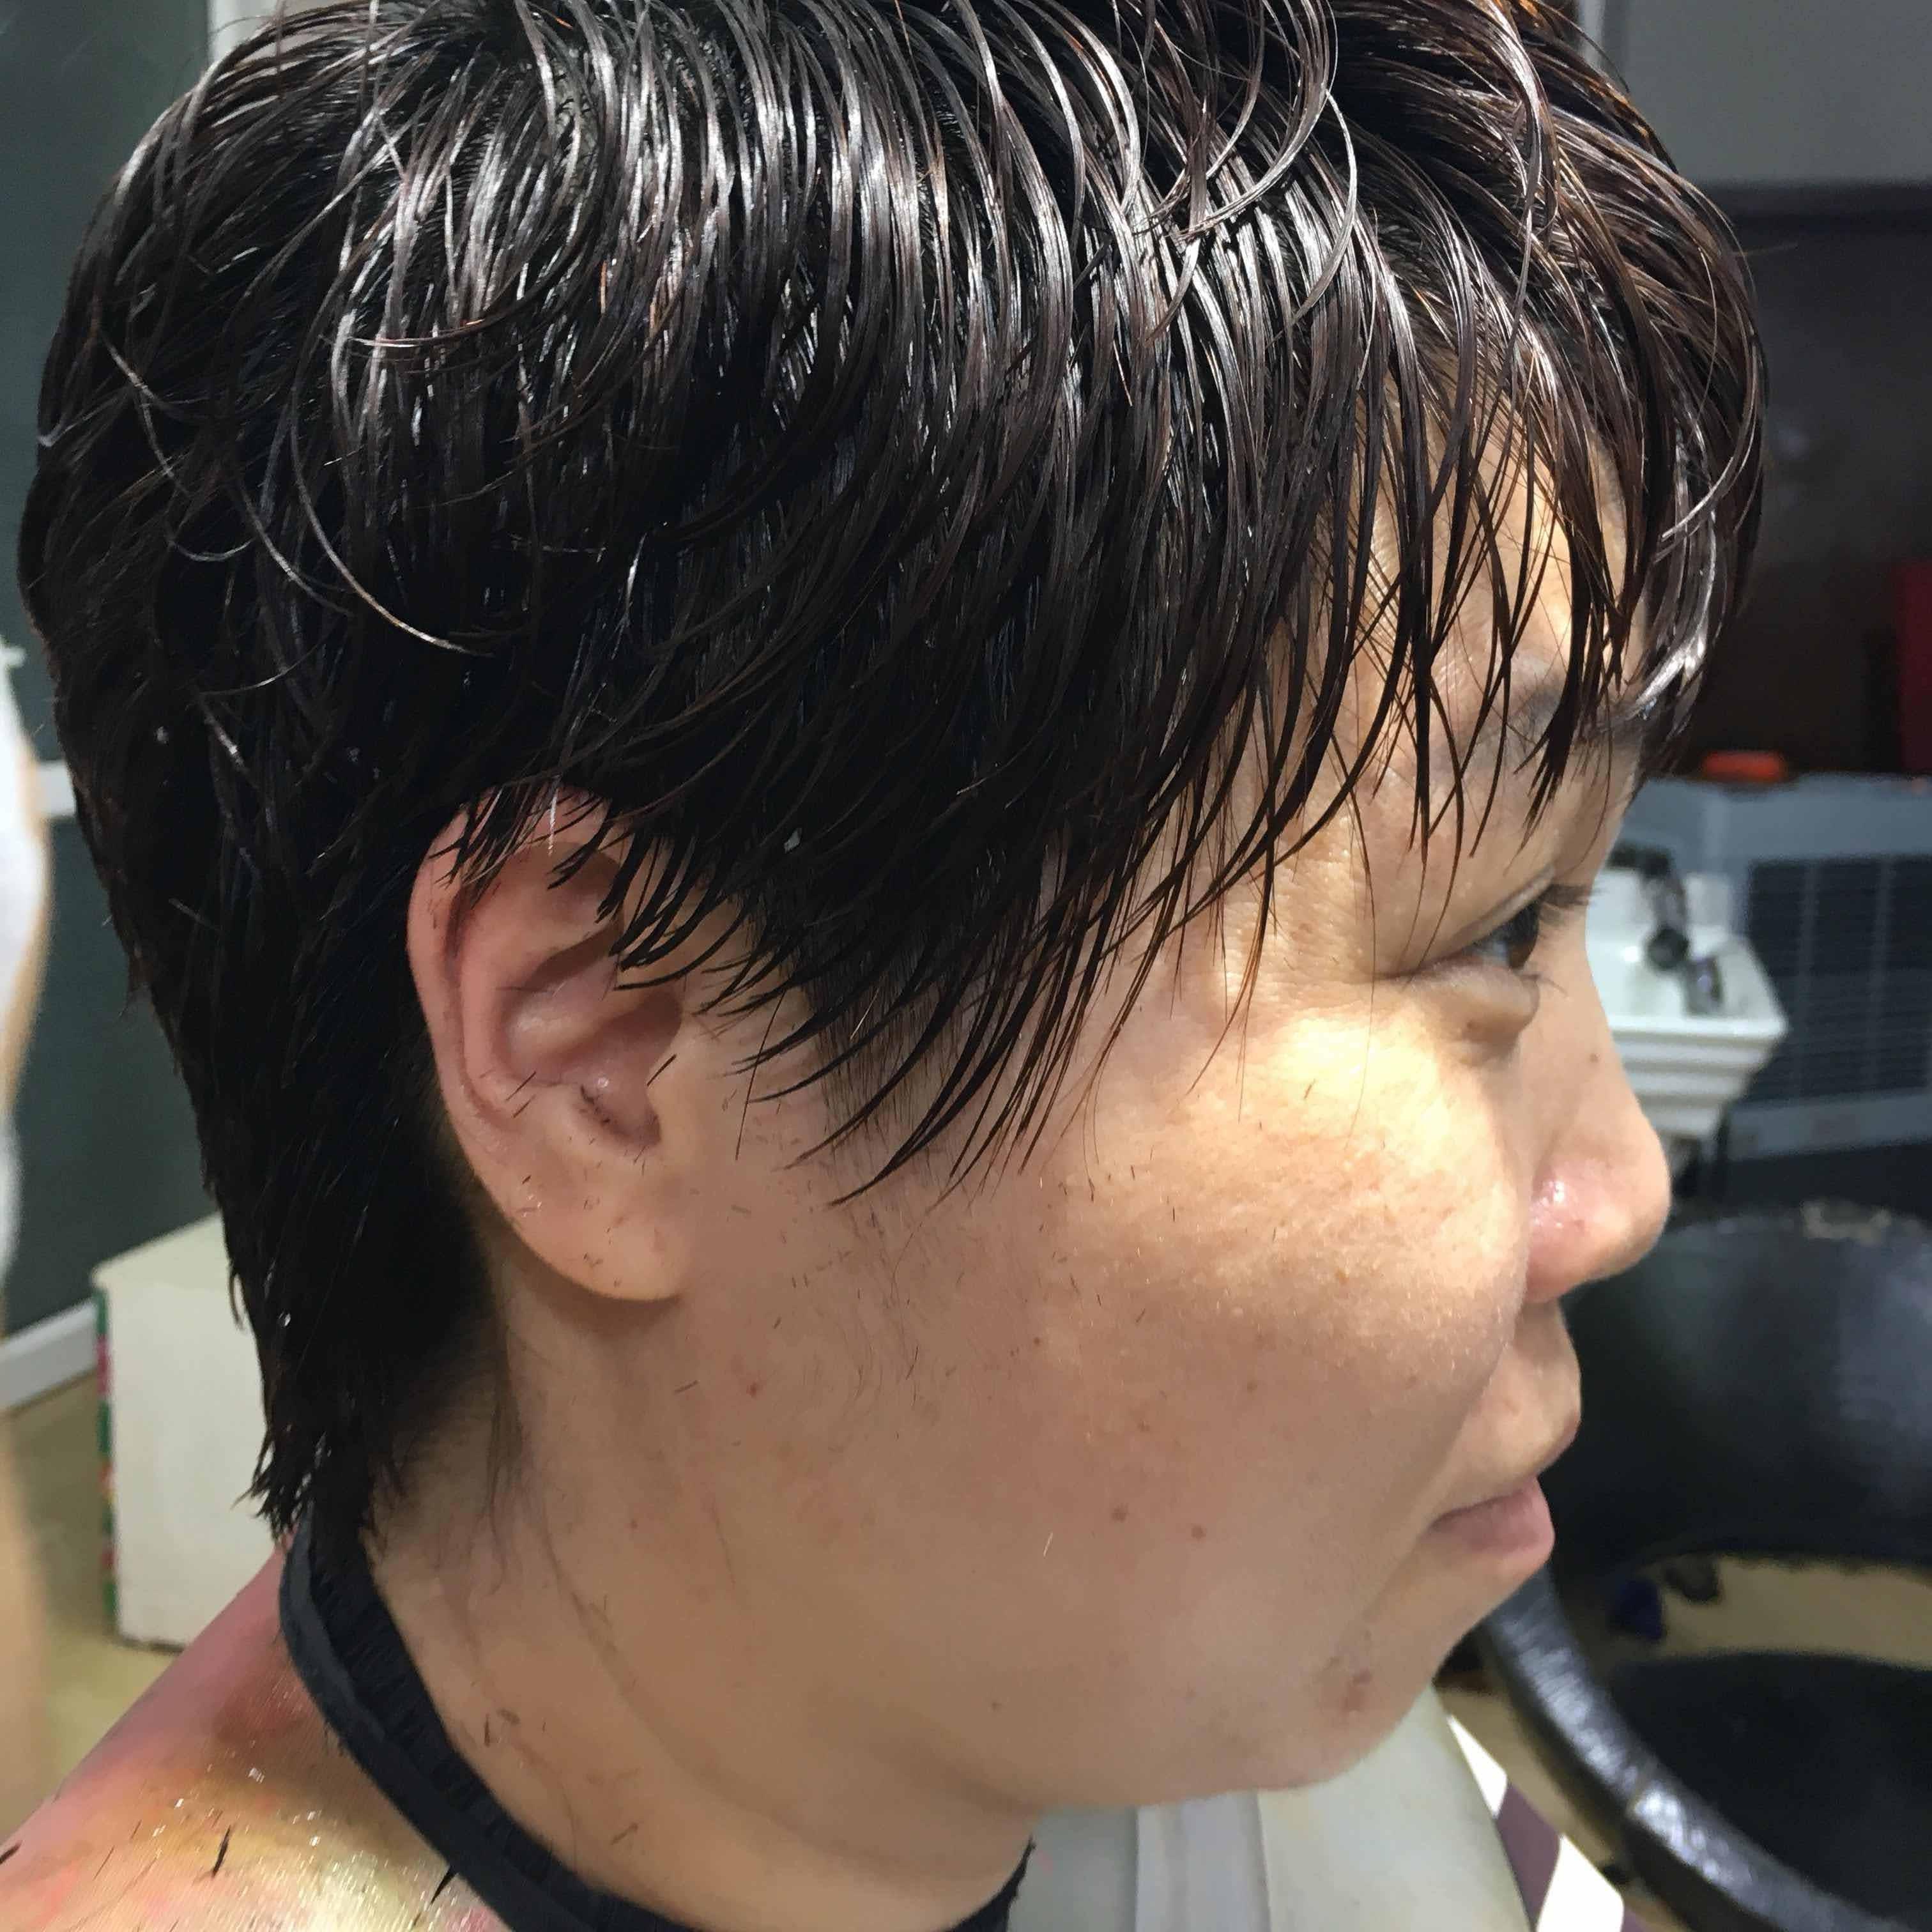 Cấp cứu tóc cắt hỏng dịch vụ Hot nhất tại salon Korigami Hà Nội